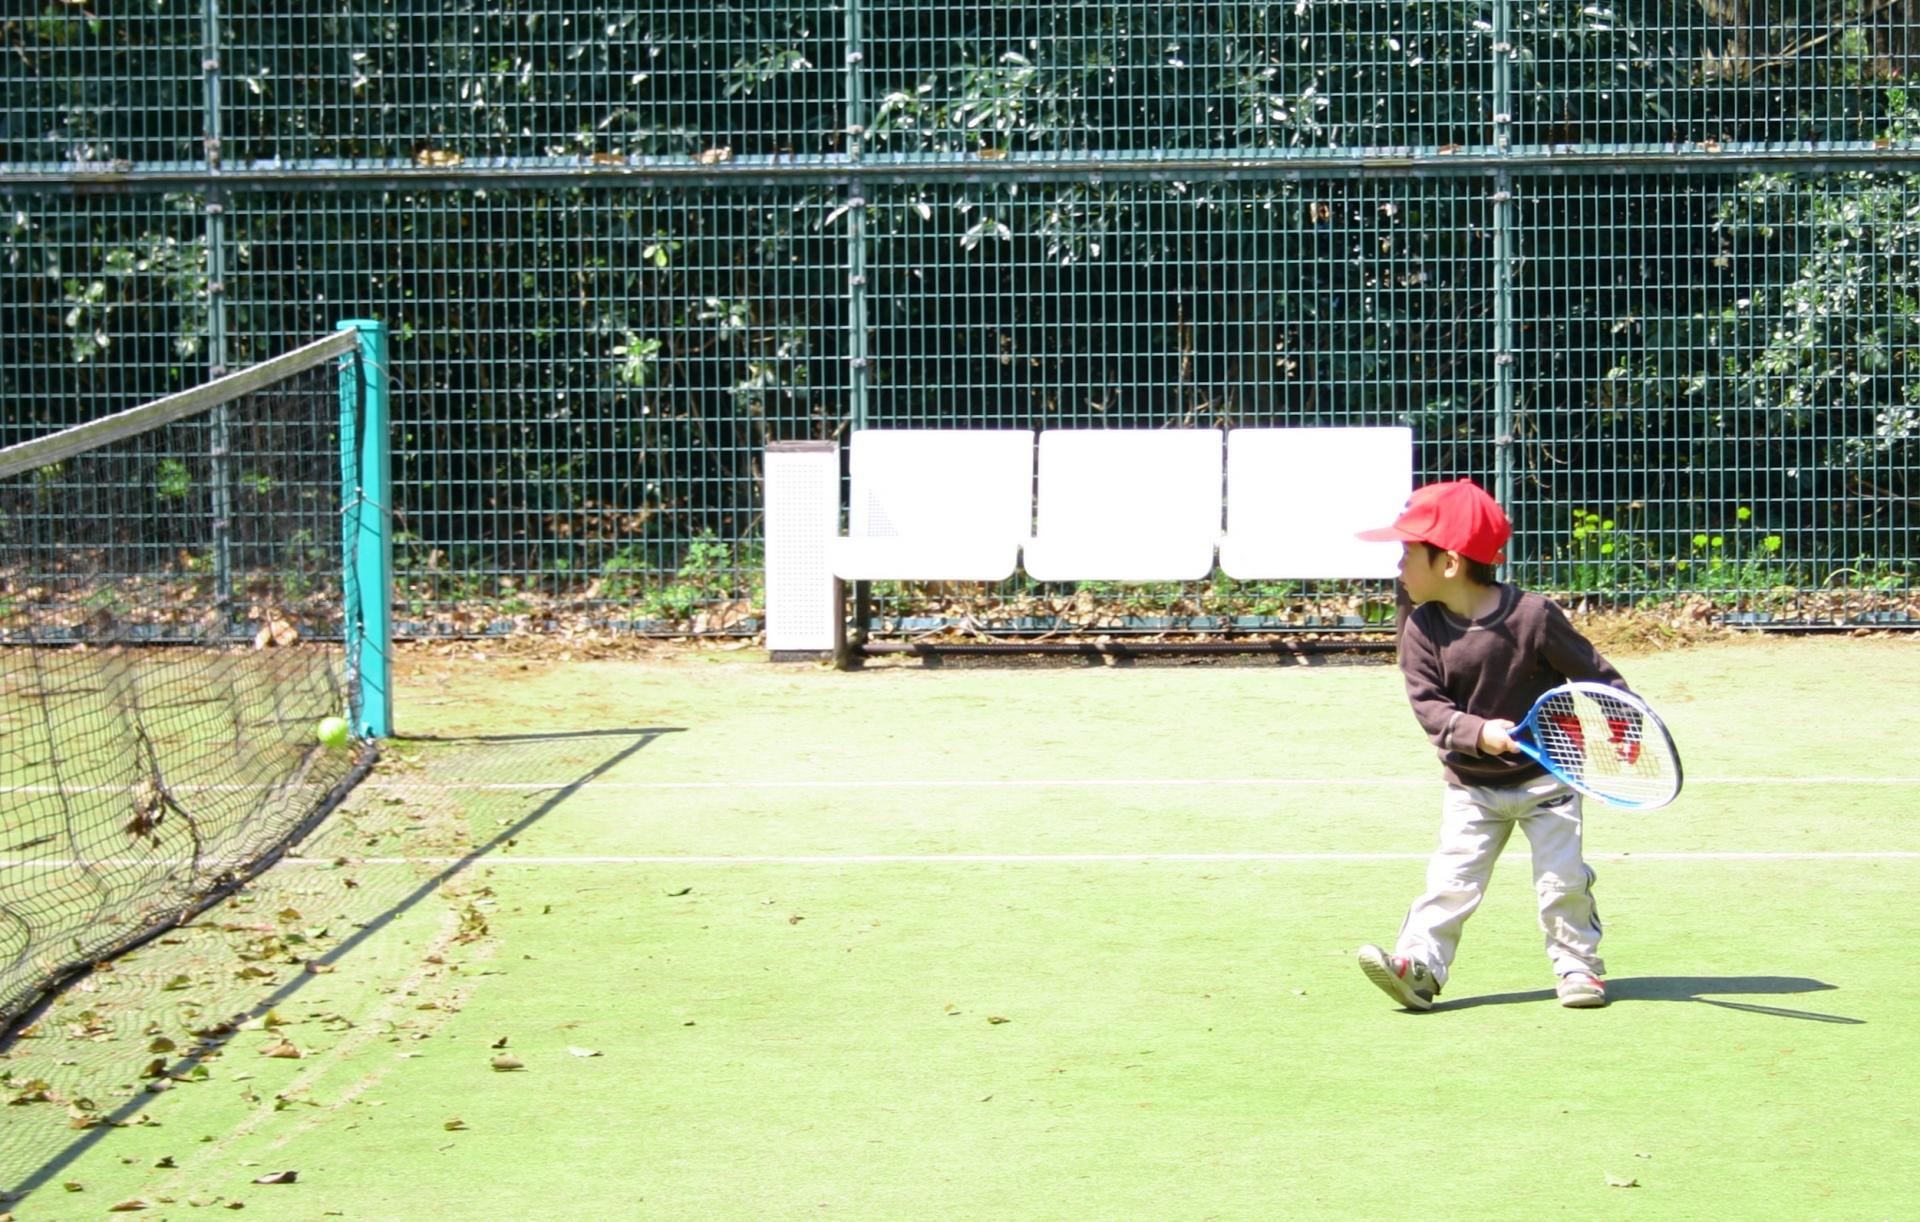 テニスの初心者がテニススクールを選ぶ時に確認したいポイント